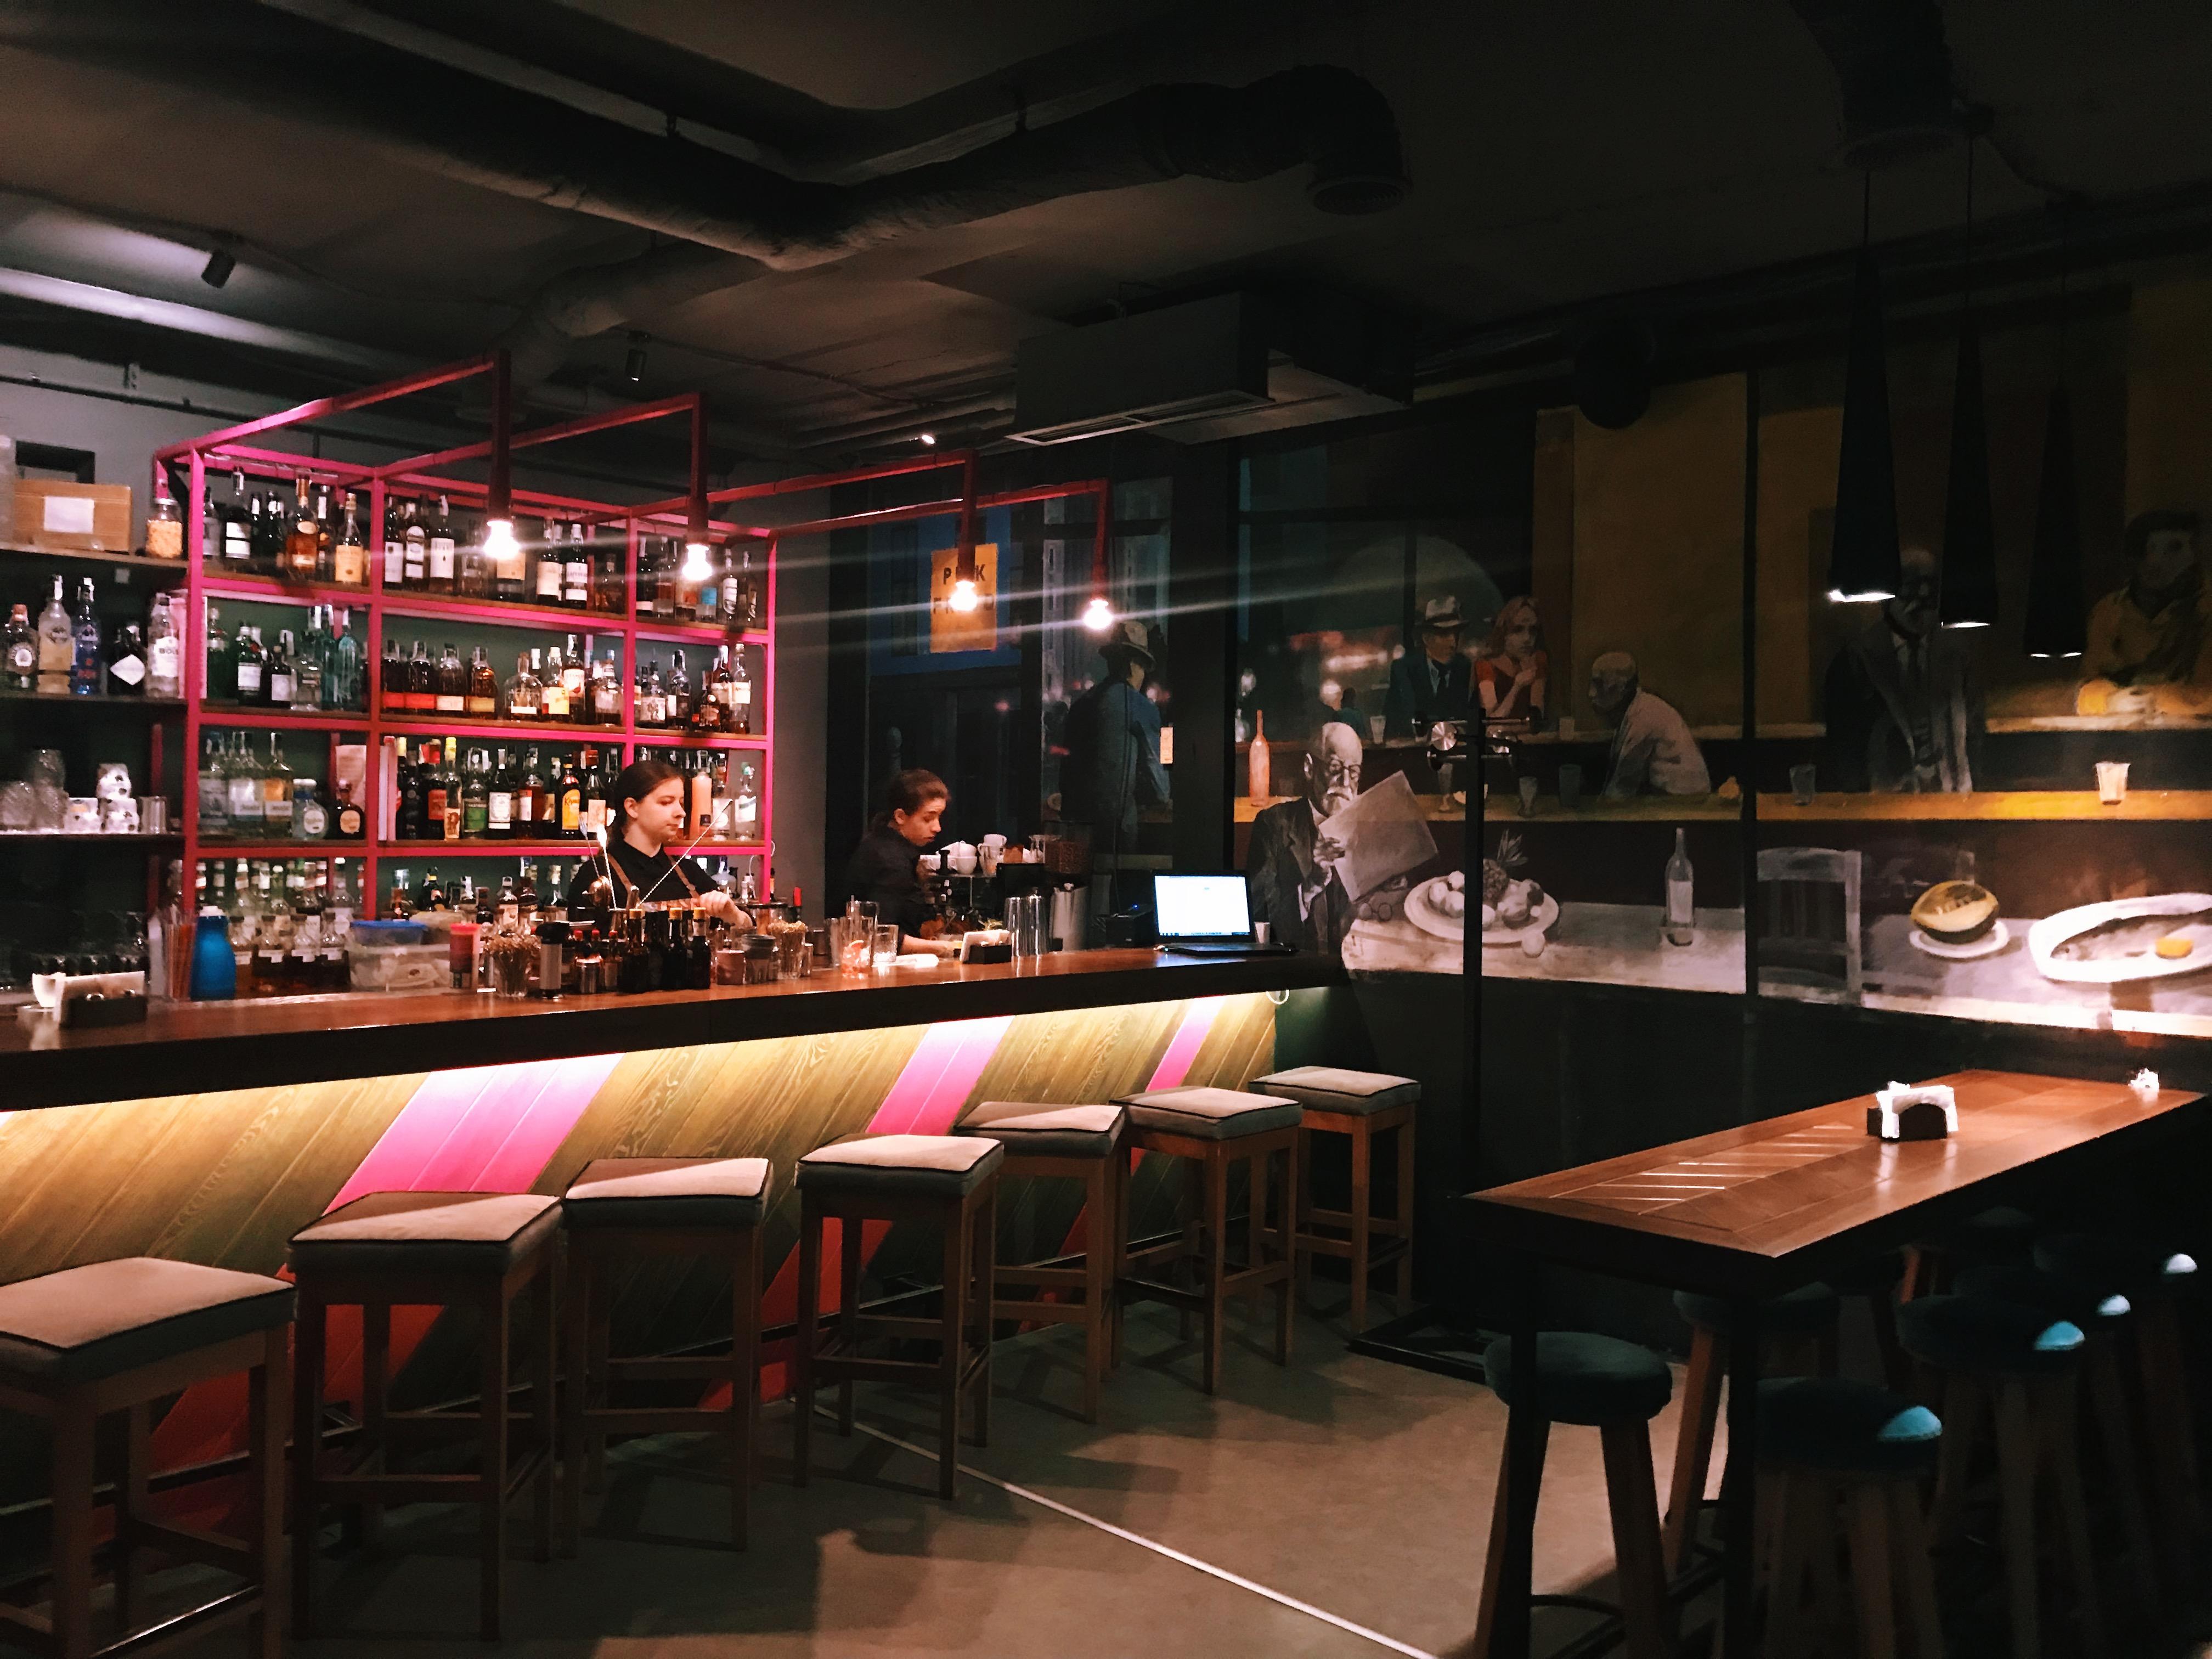 Интерьер второго зала Pink Freud - есть где усесться за барной стойкой)